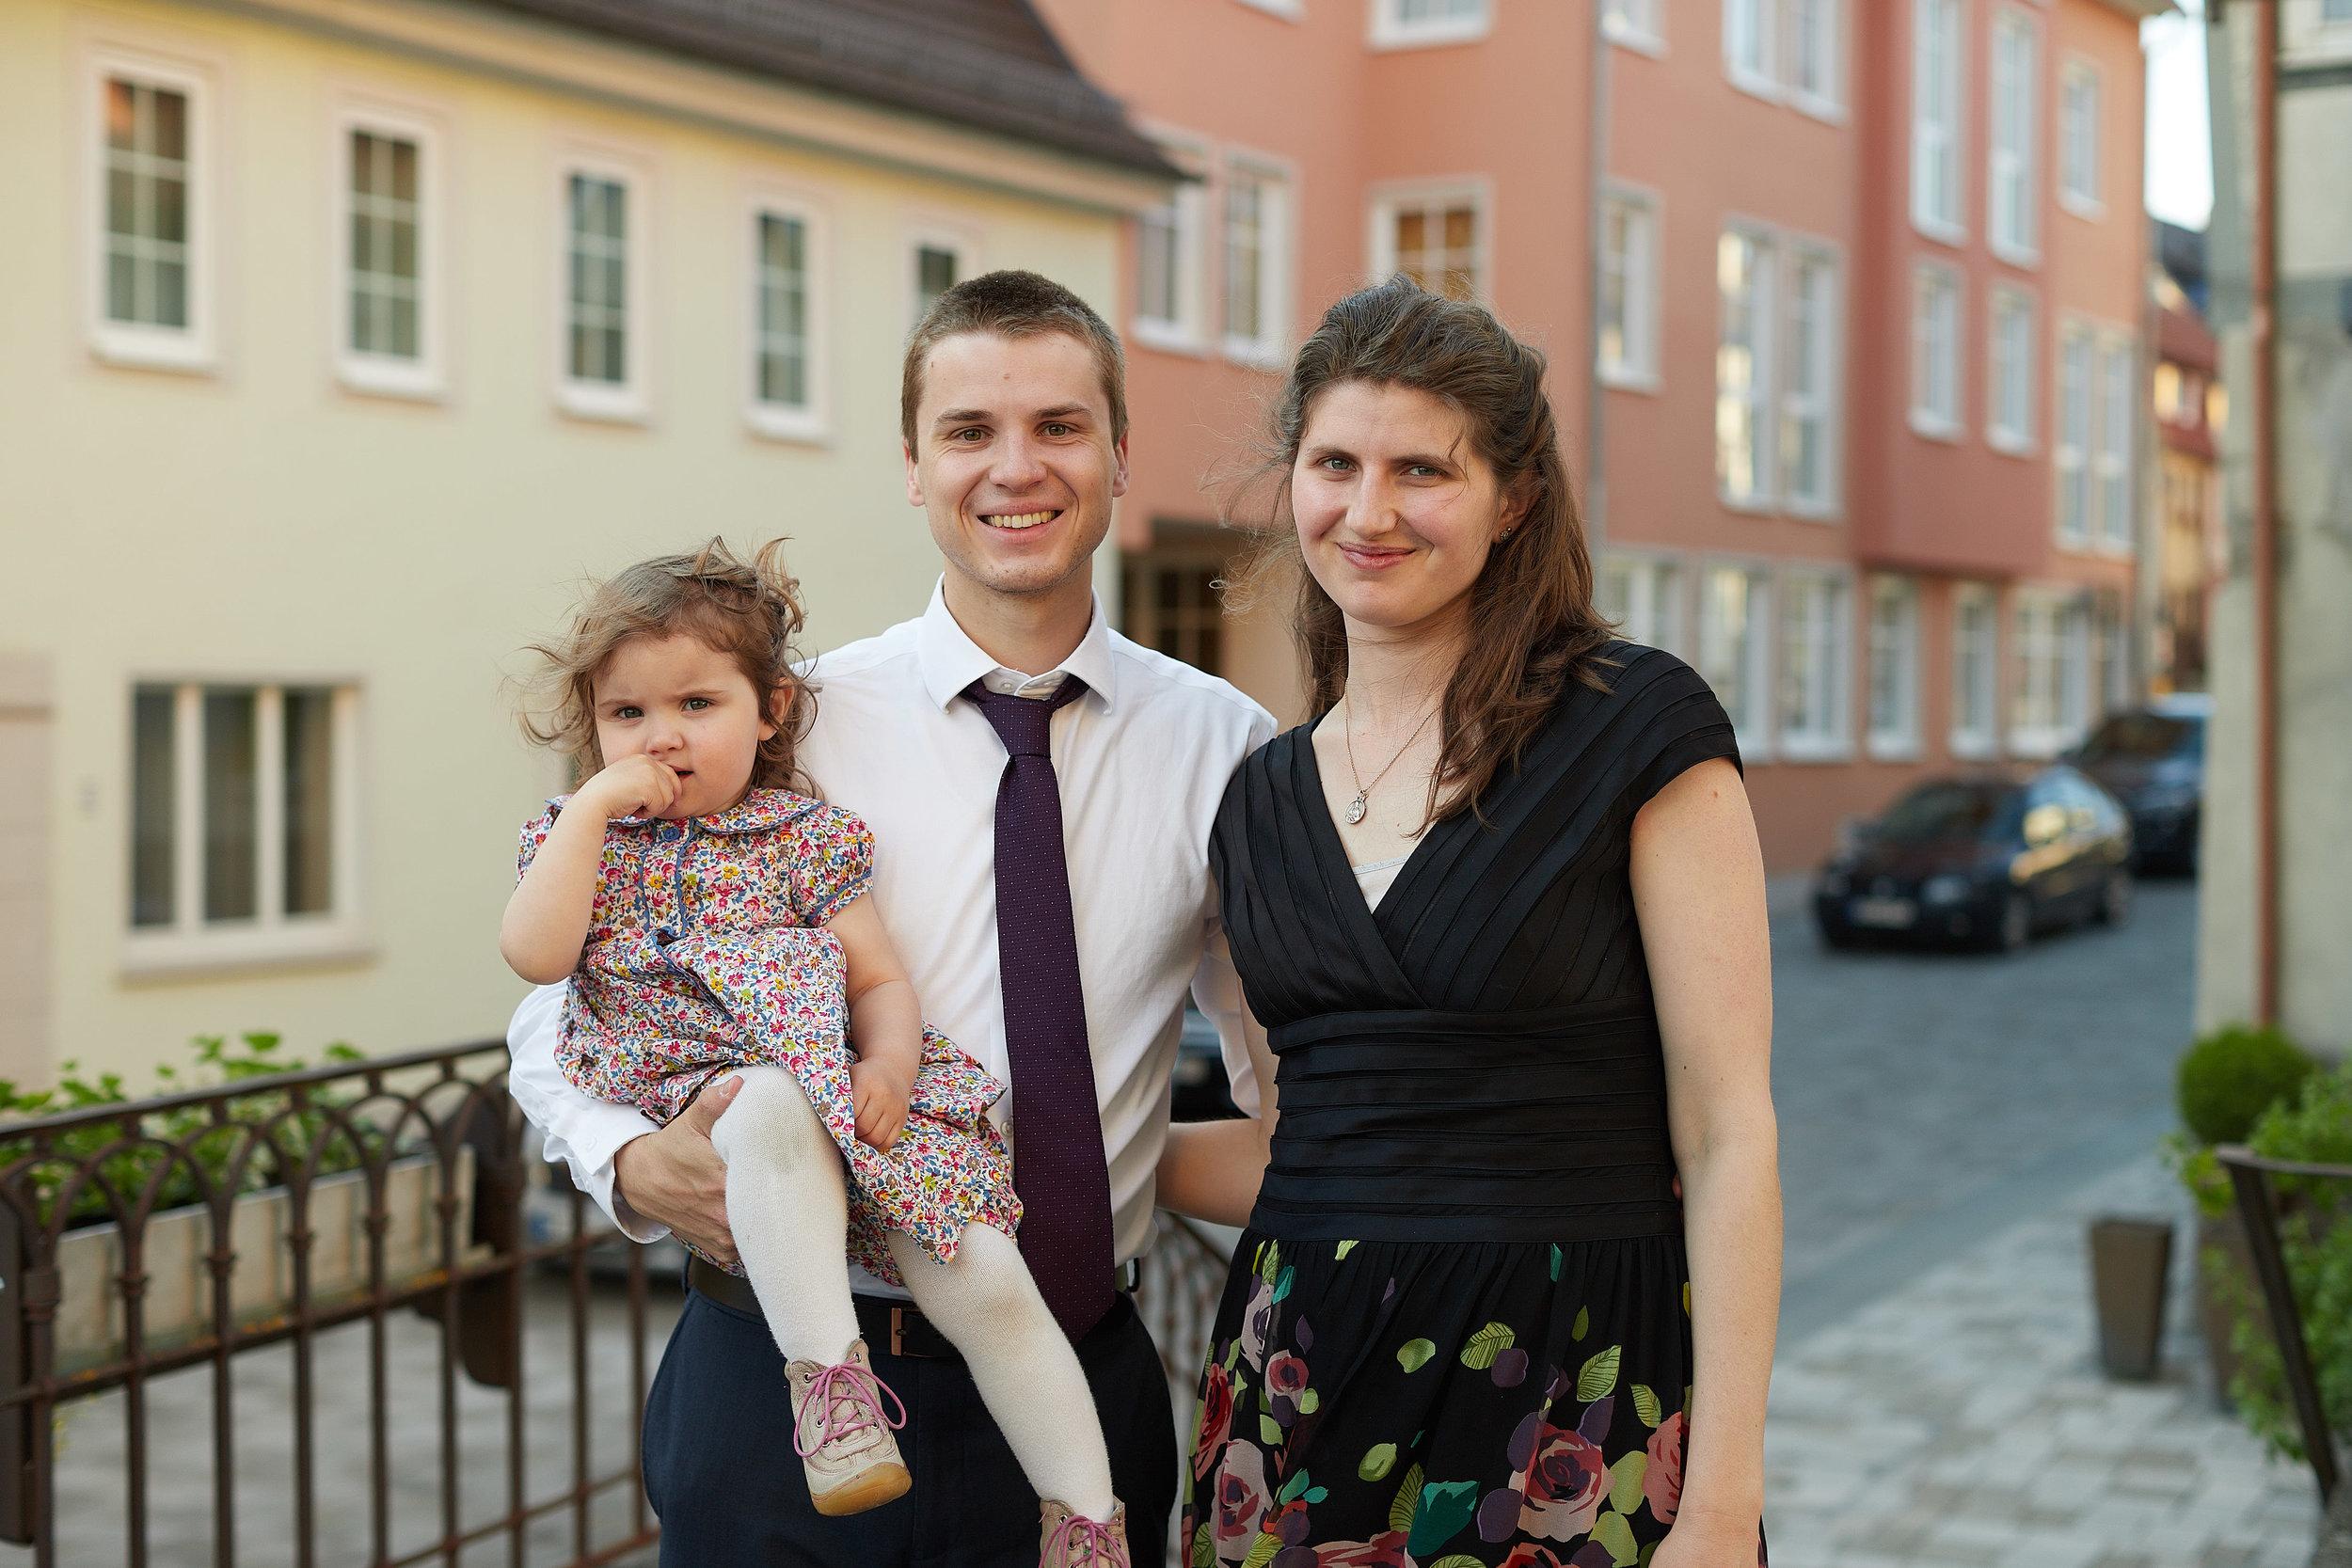 Meine Frau Alicia,unsere Tochter Katharina und ich.